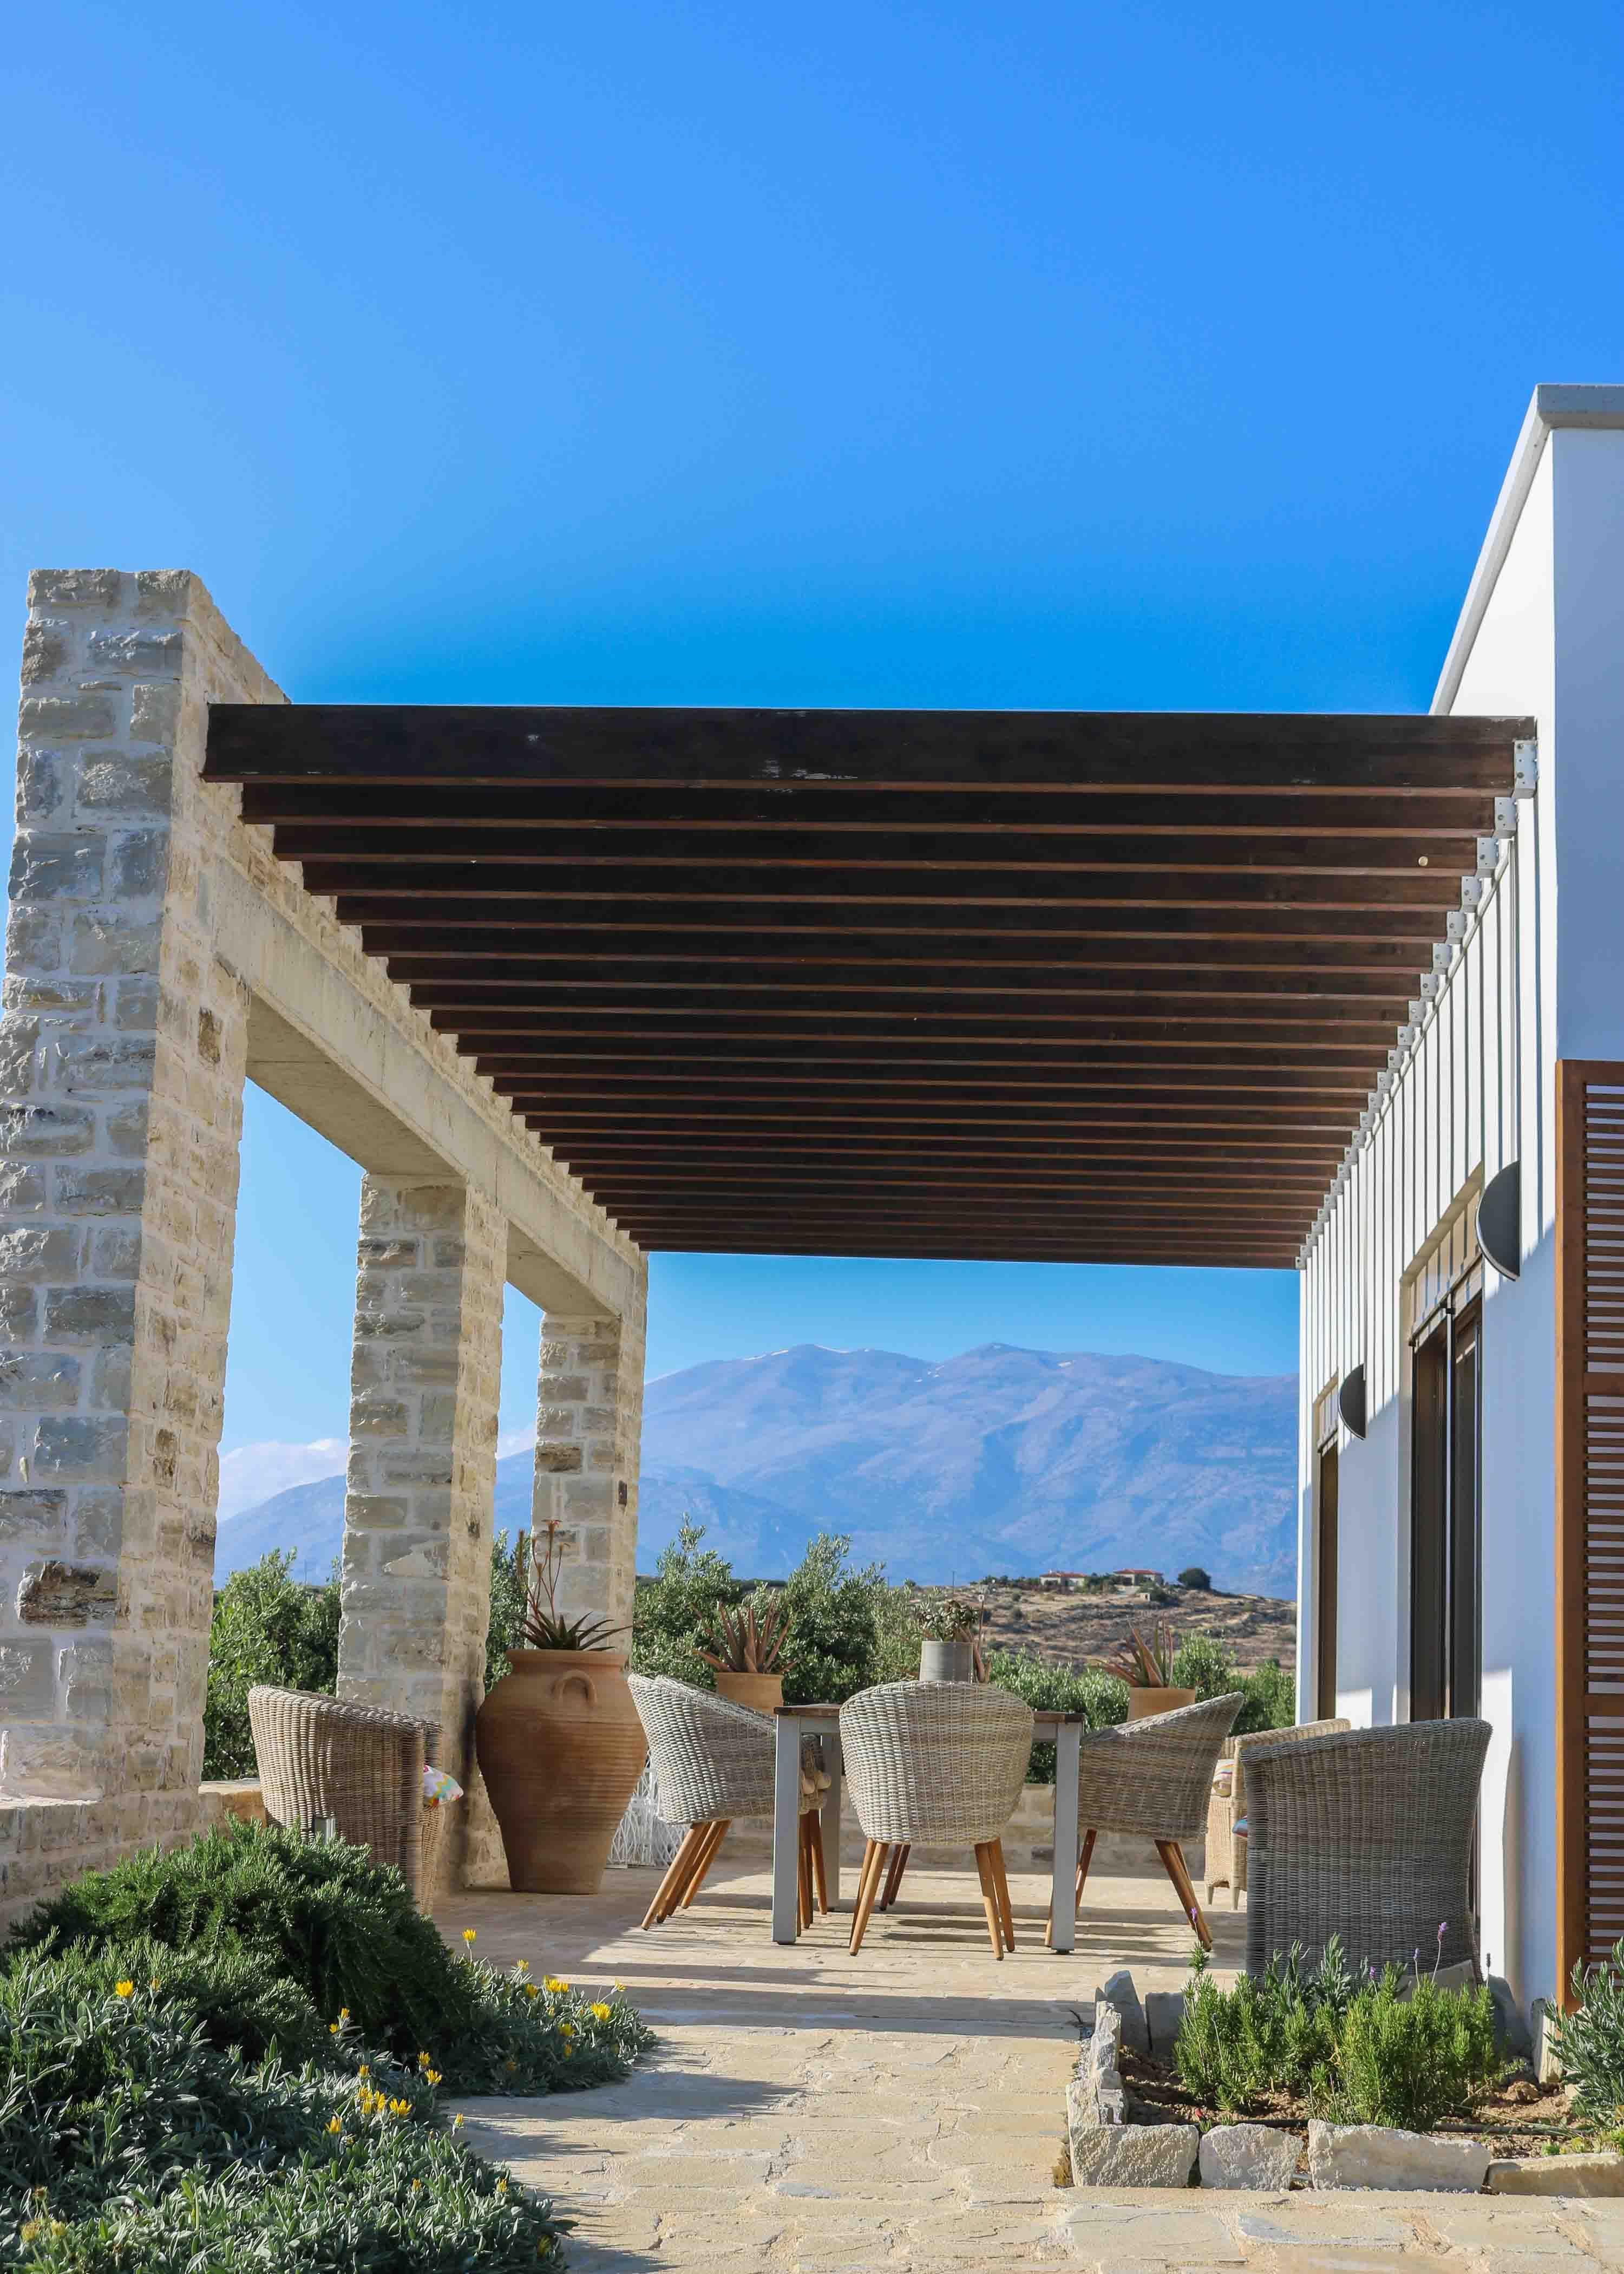 Eine Traumhafte Aussicht Auf Das Meer Und Die Berge Die Villa Psili An Der Sudkuste Von Kreta Is Ferienhaus Kreta Ferienhaus Griechenland Ferienwohnung Kreta